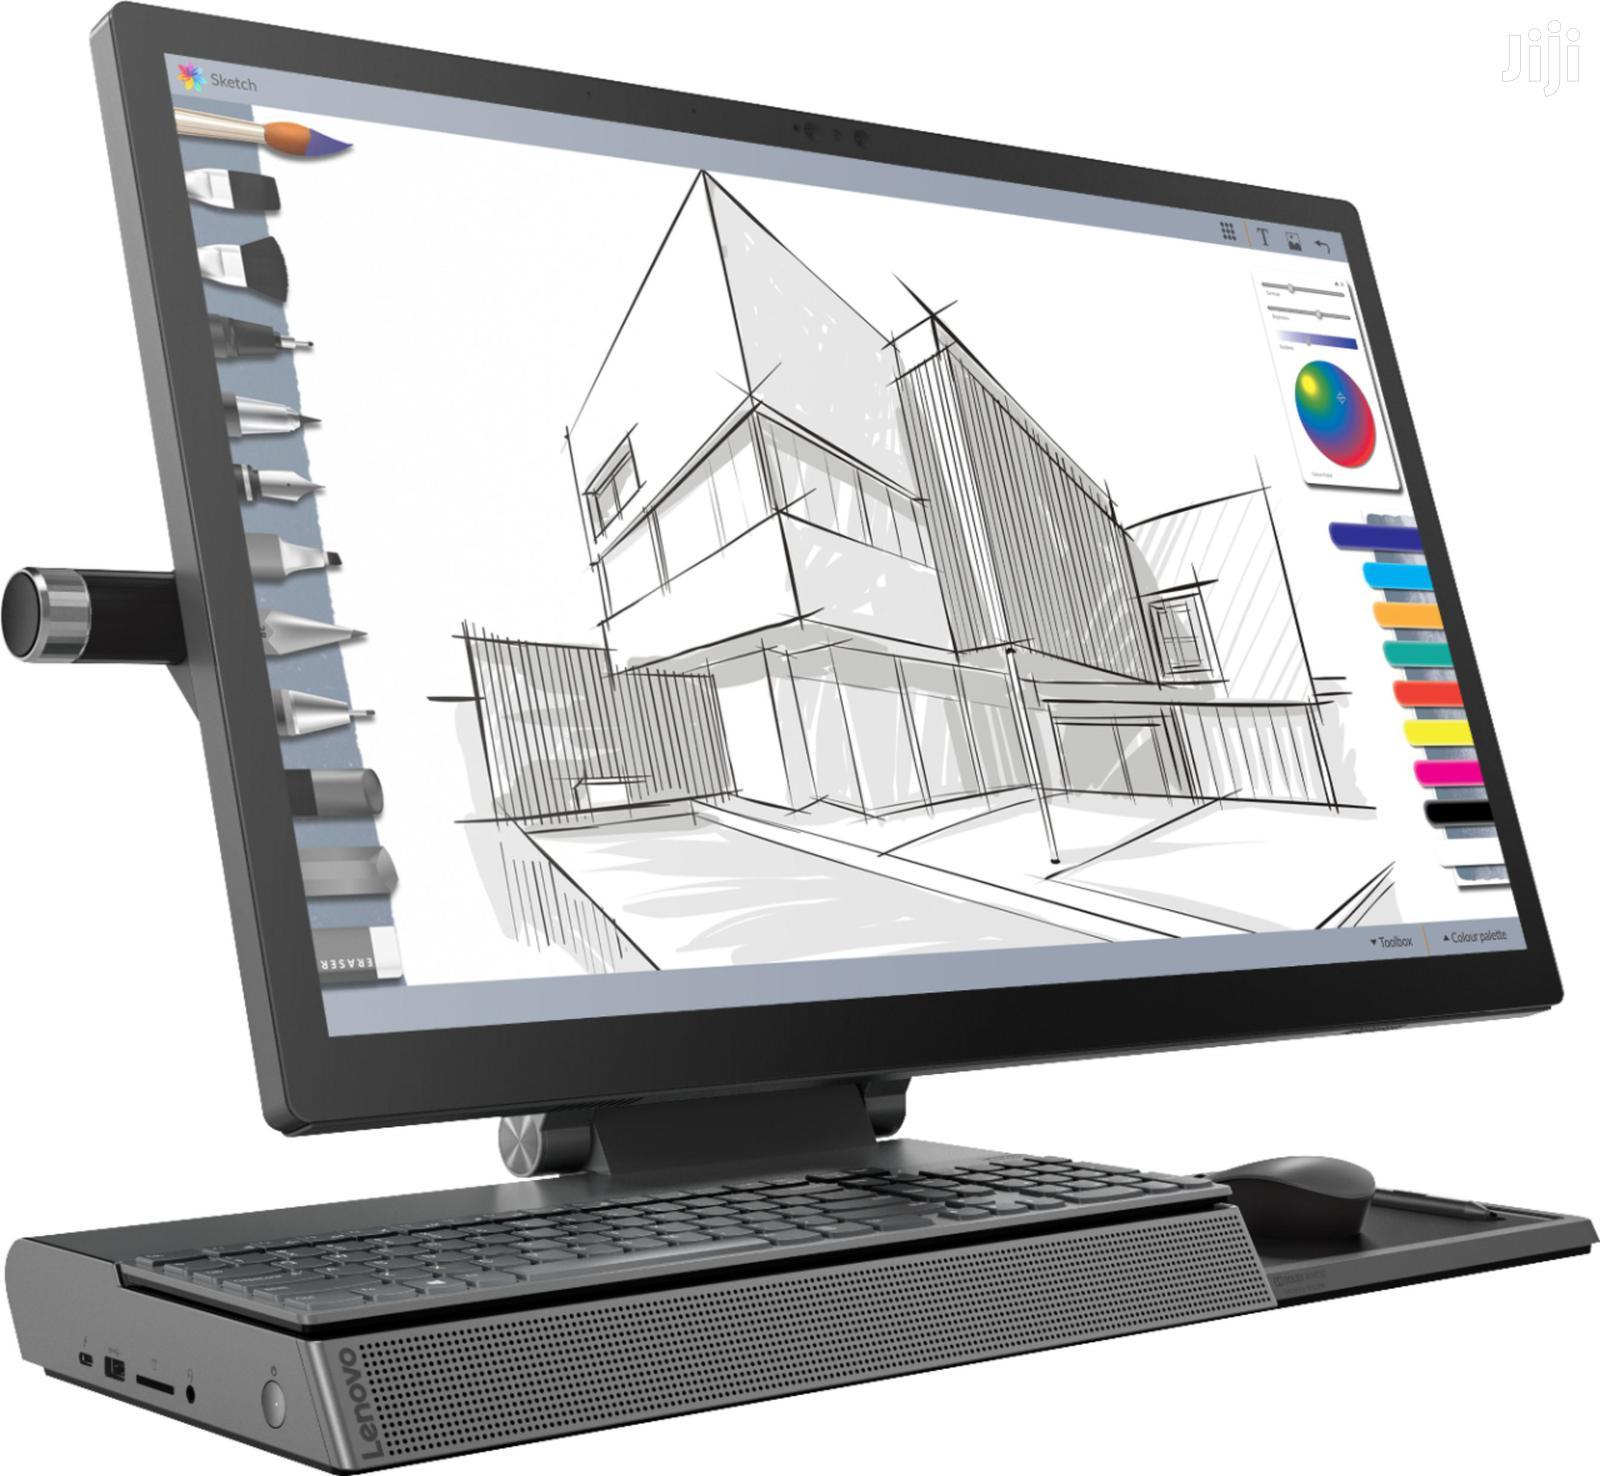 Archive: New Desktop Computer Lenovo 16GB Intel Core I7 SSD 256GB